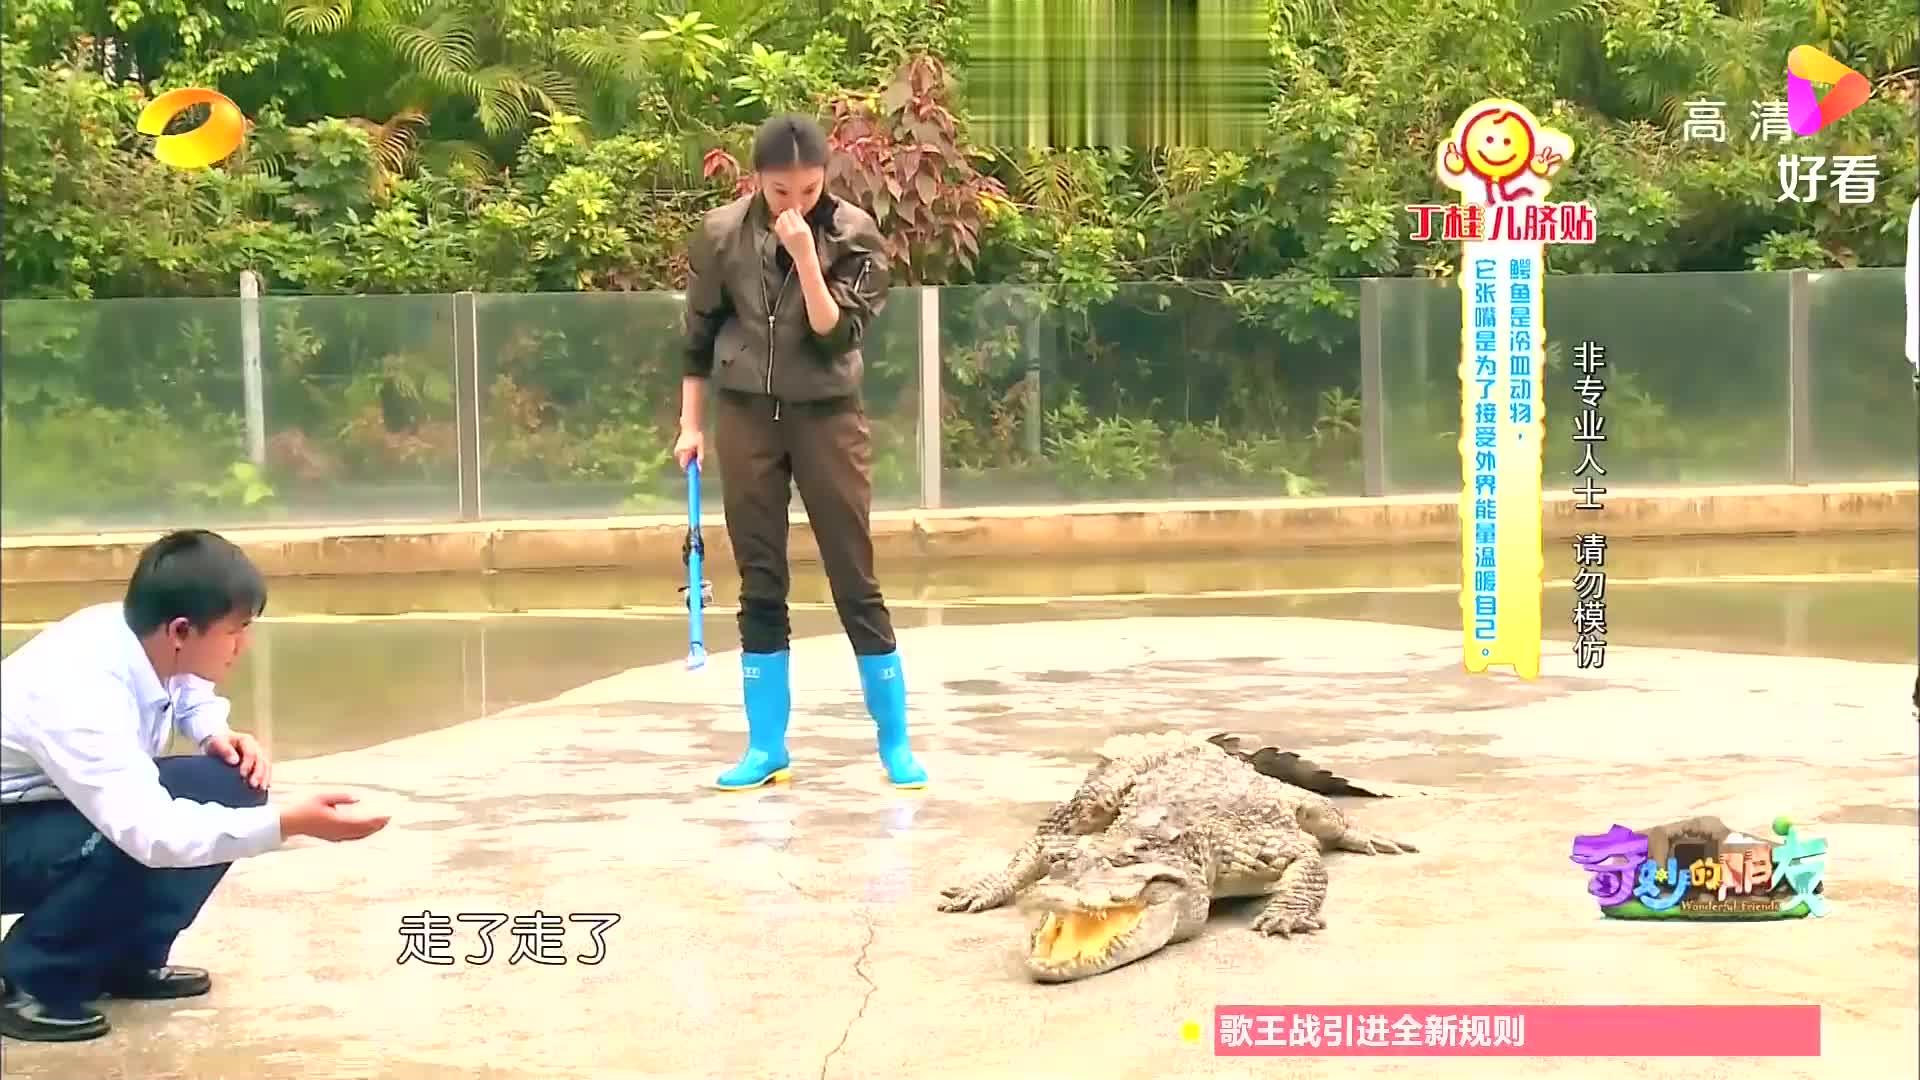 倪妮给鳄鱼刷牙它却跑了,倪妮费老劲又把它拉上来丨奇妙的朋友